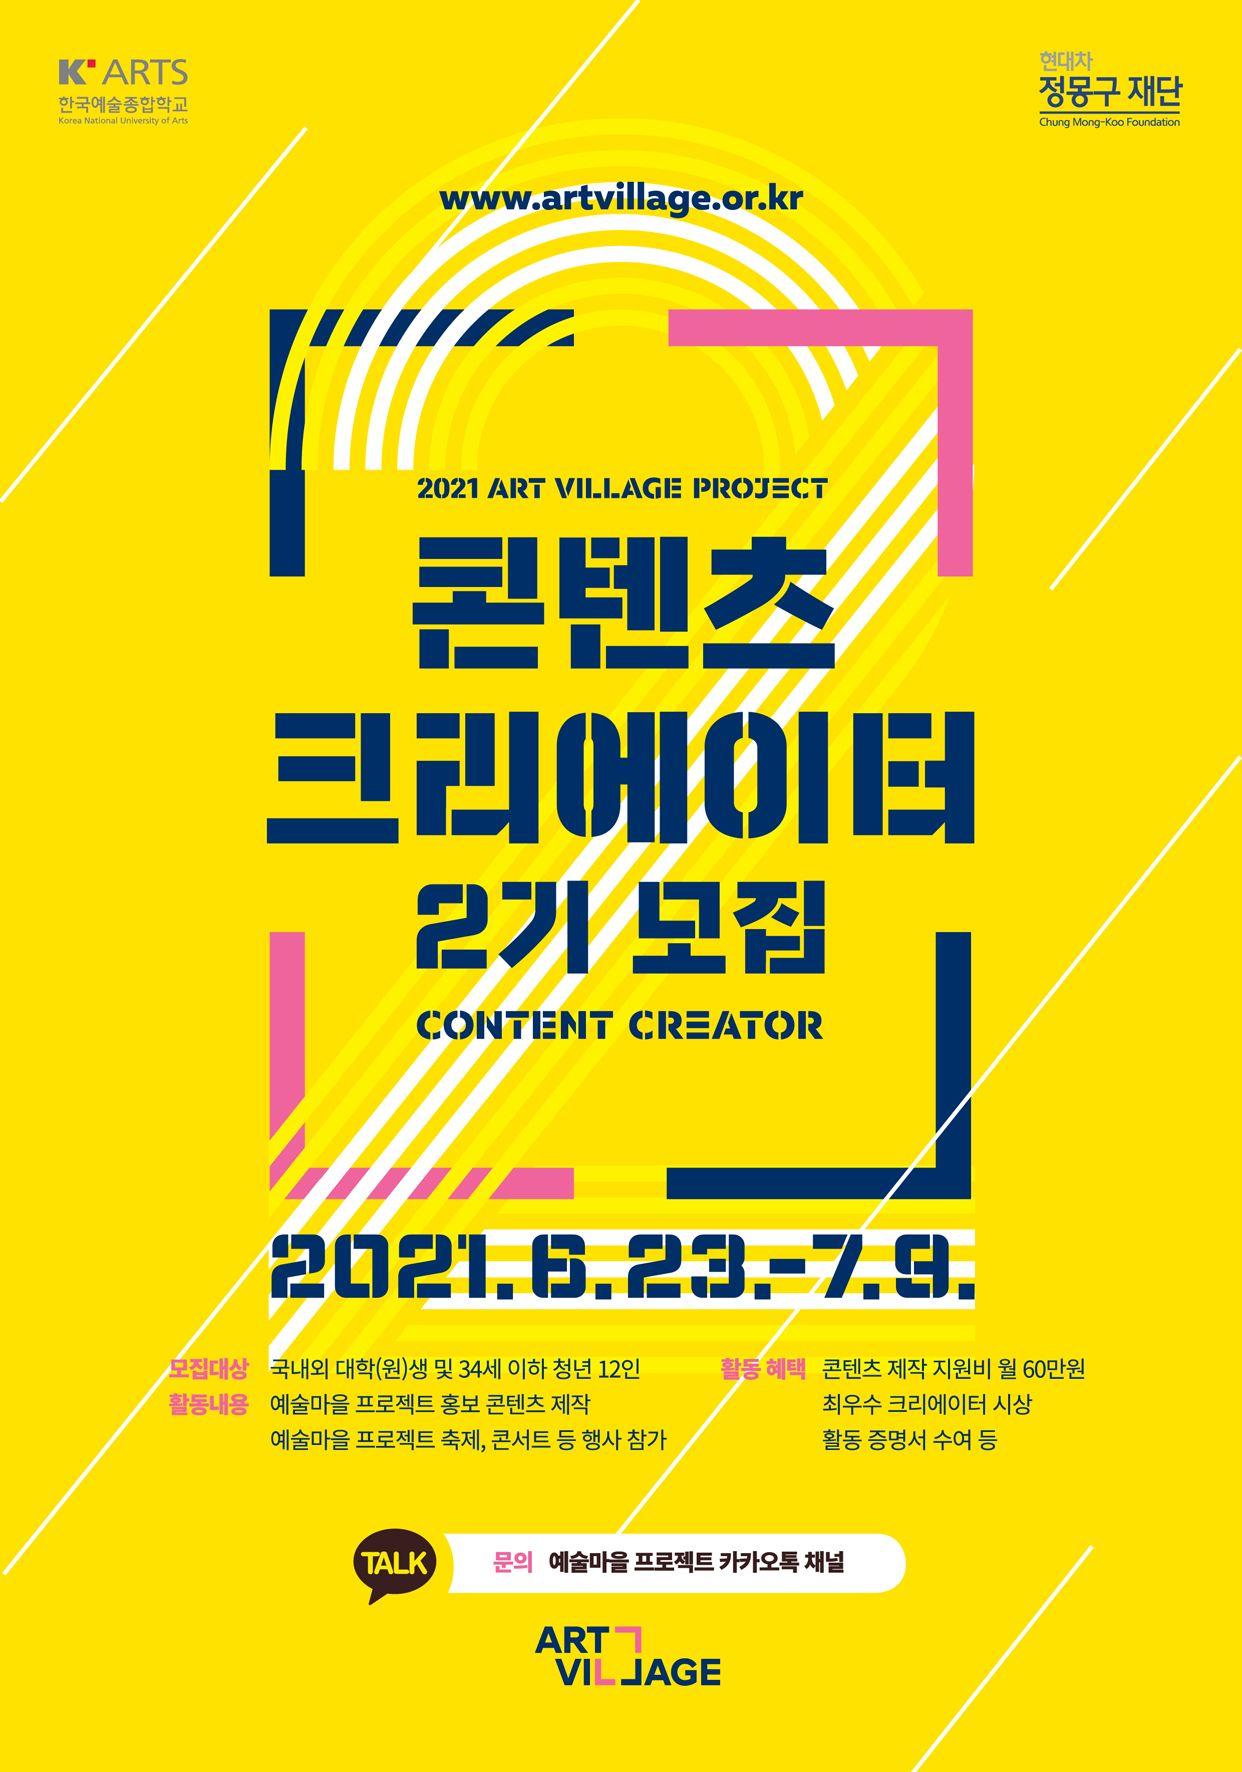 [현대차 정몽구 재단X한국예술종합학교] 2021 예술마을 프로젝트 콘텐츠 크리에이터 2기 모집